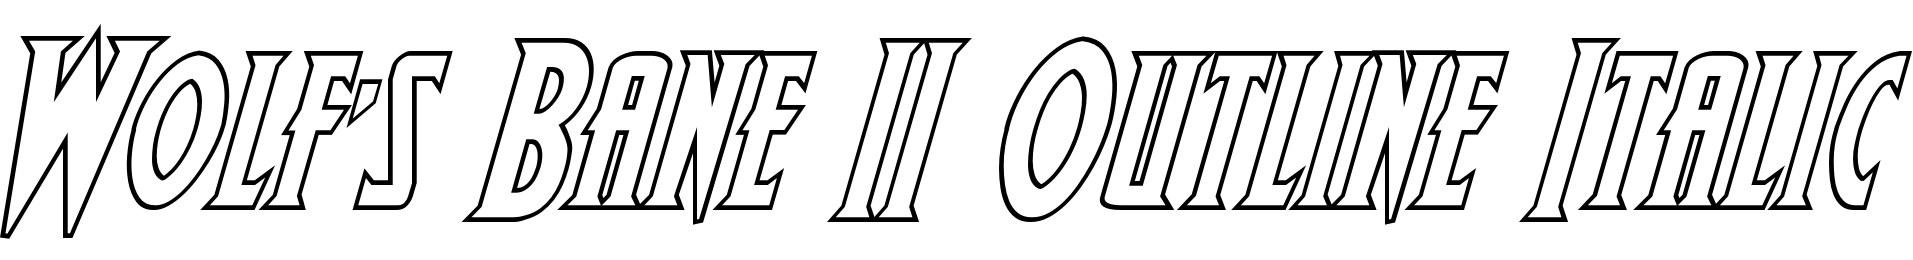 Wolf's Bane II Outline Italic